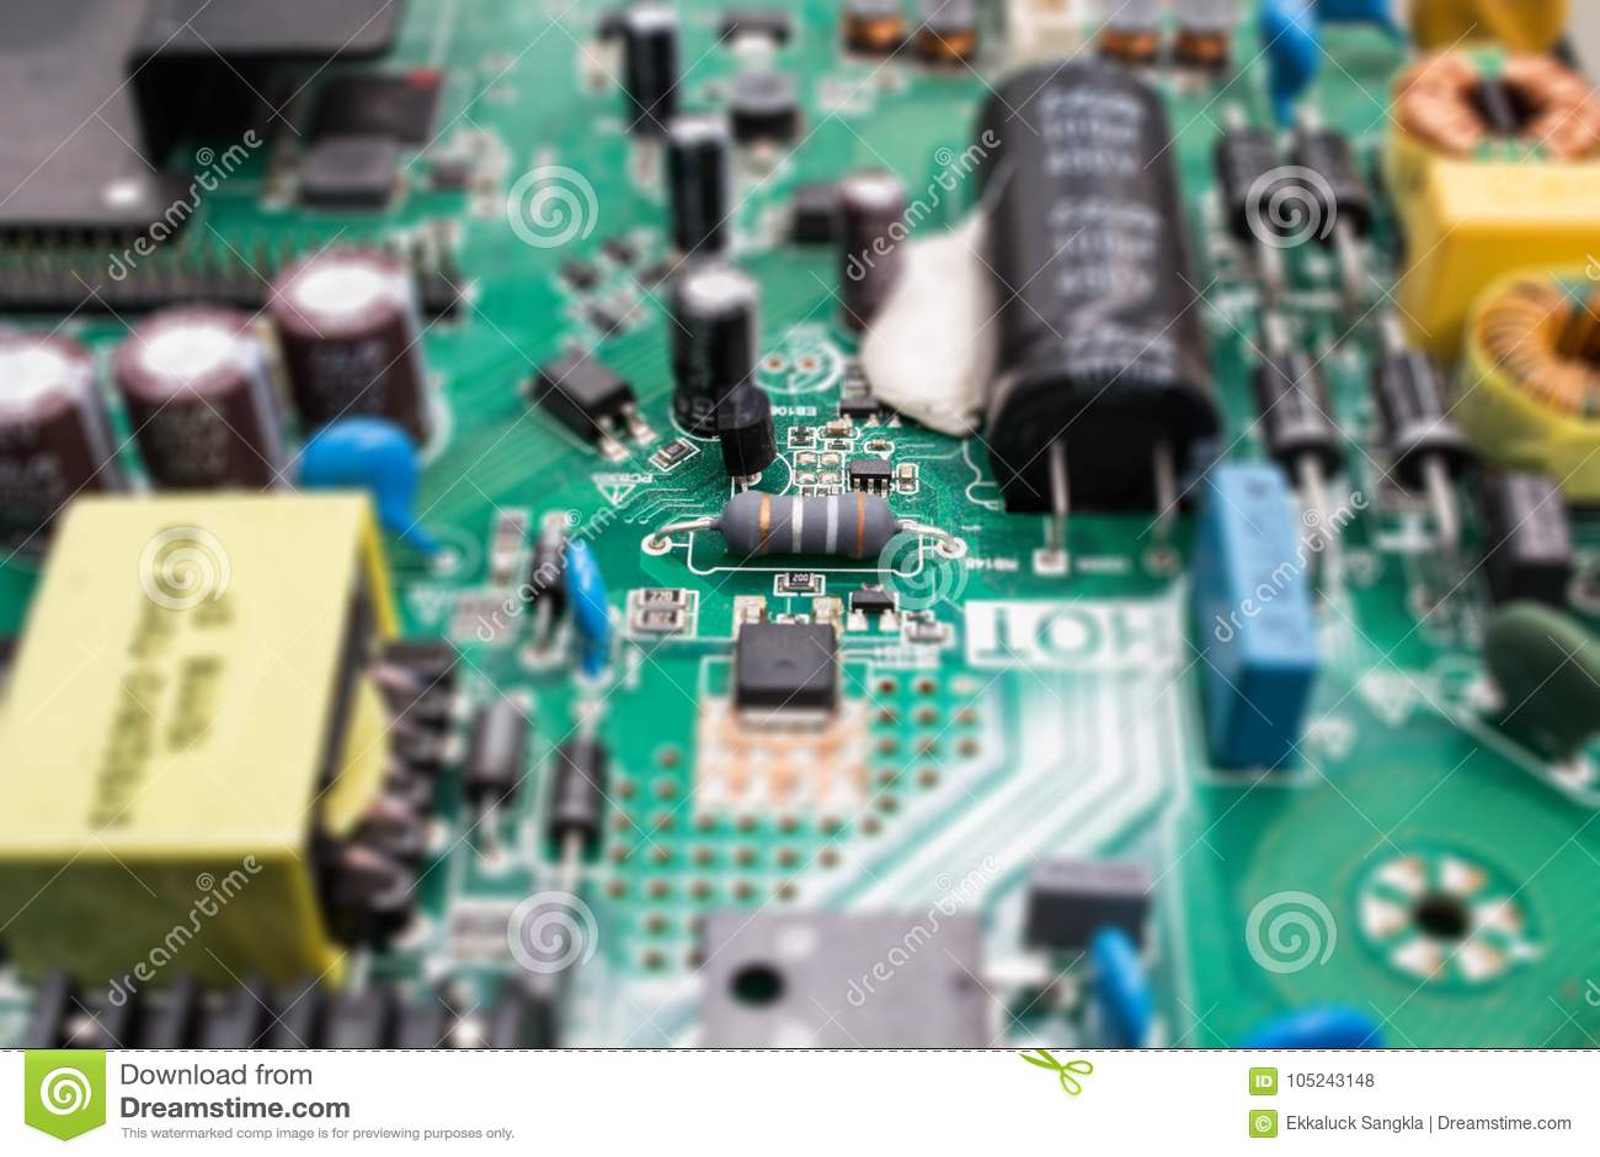 Elektronika rozdzielają na głównej deski układu scalonego i opornika technologii